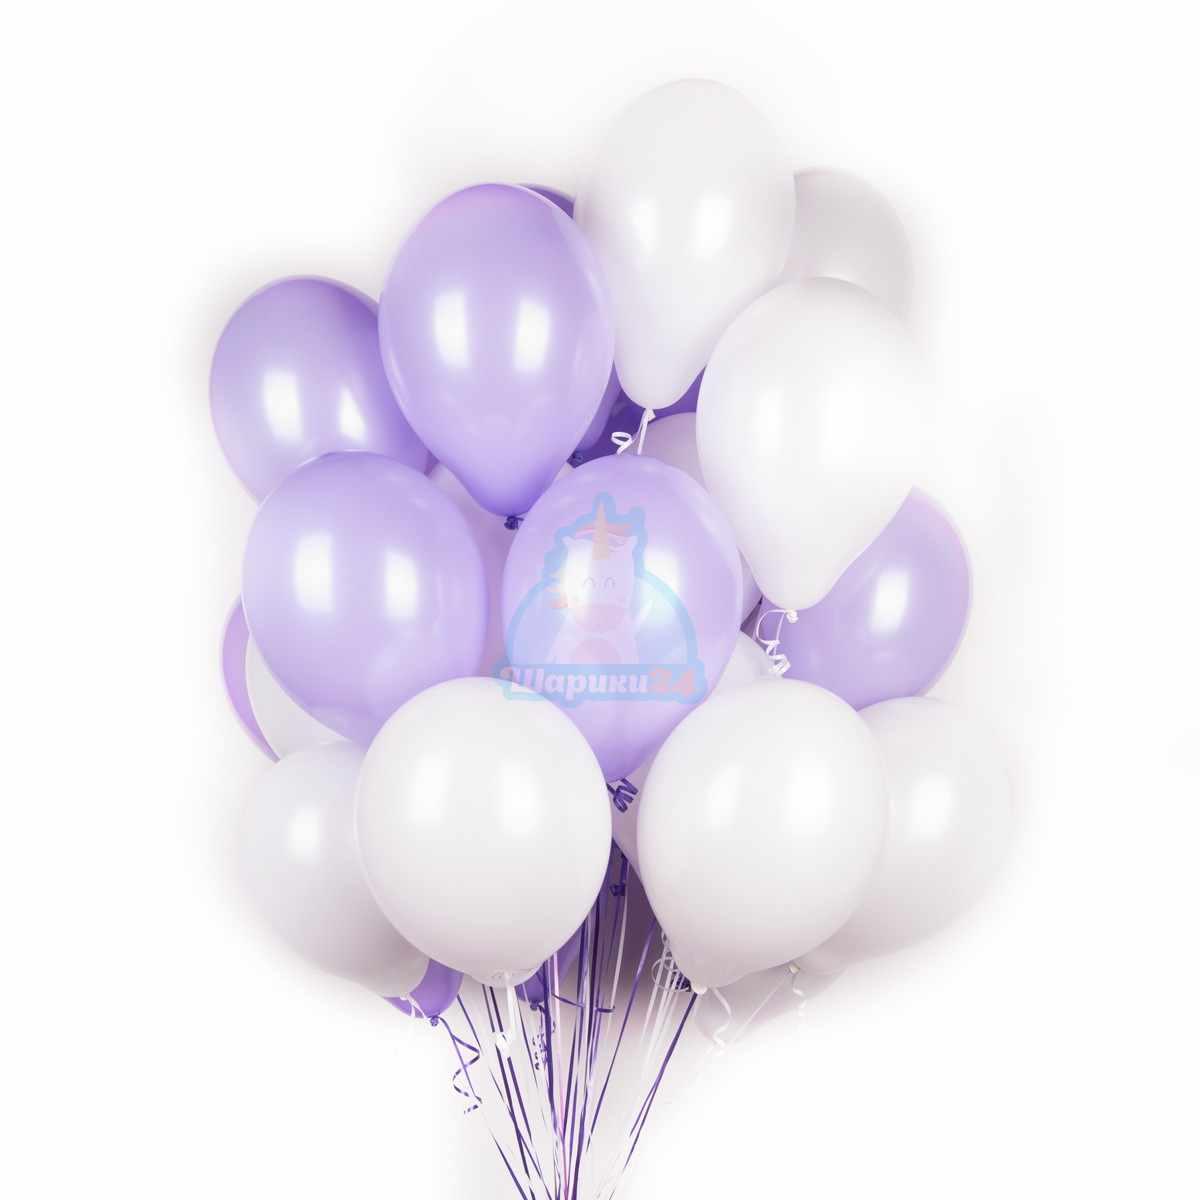 Бело-фиолетовые шары фото в интернет-магазине Шарики 24